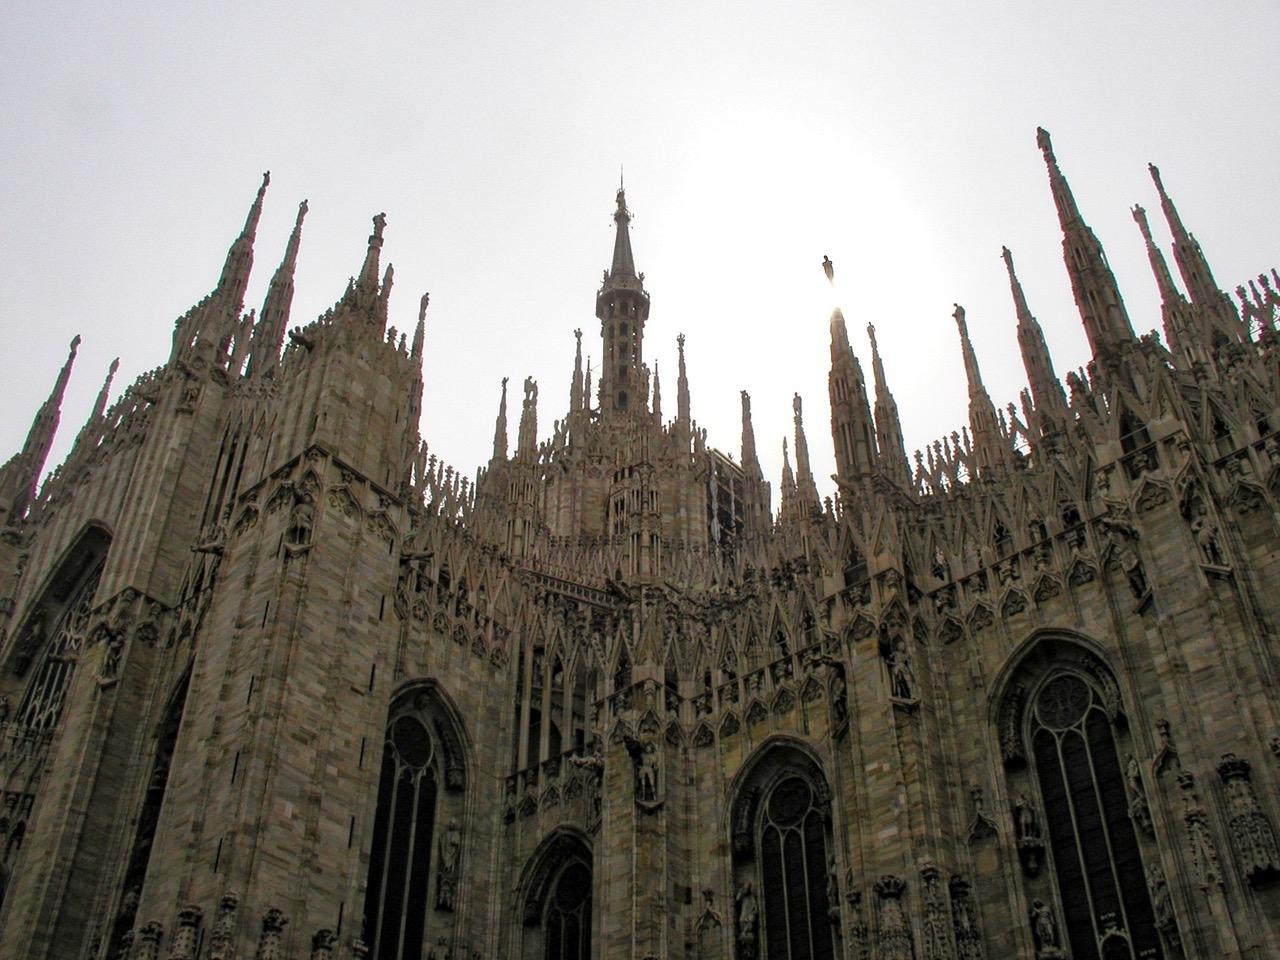 Milan, Duomo di Milano, Italy